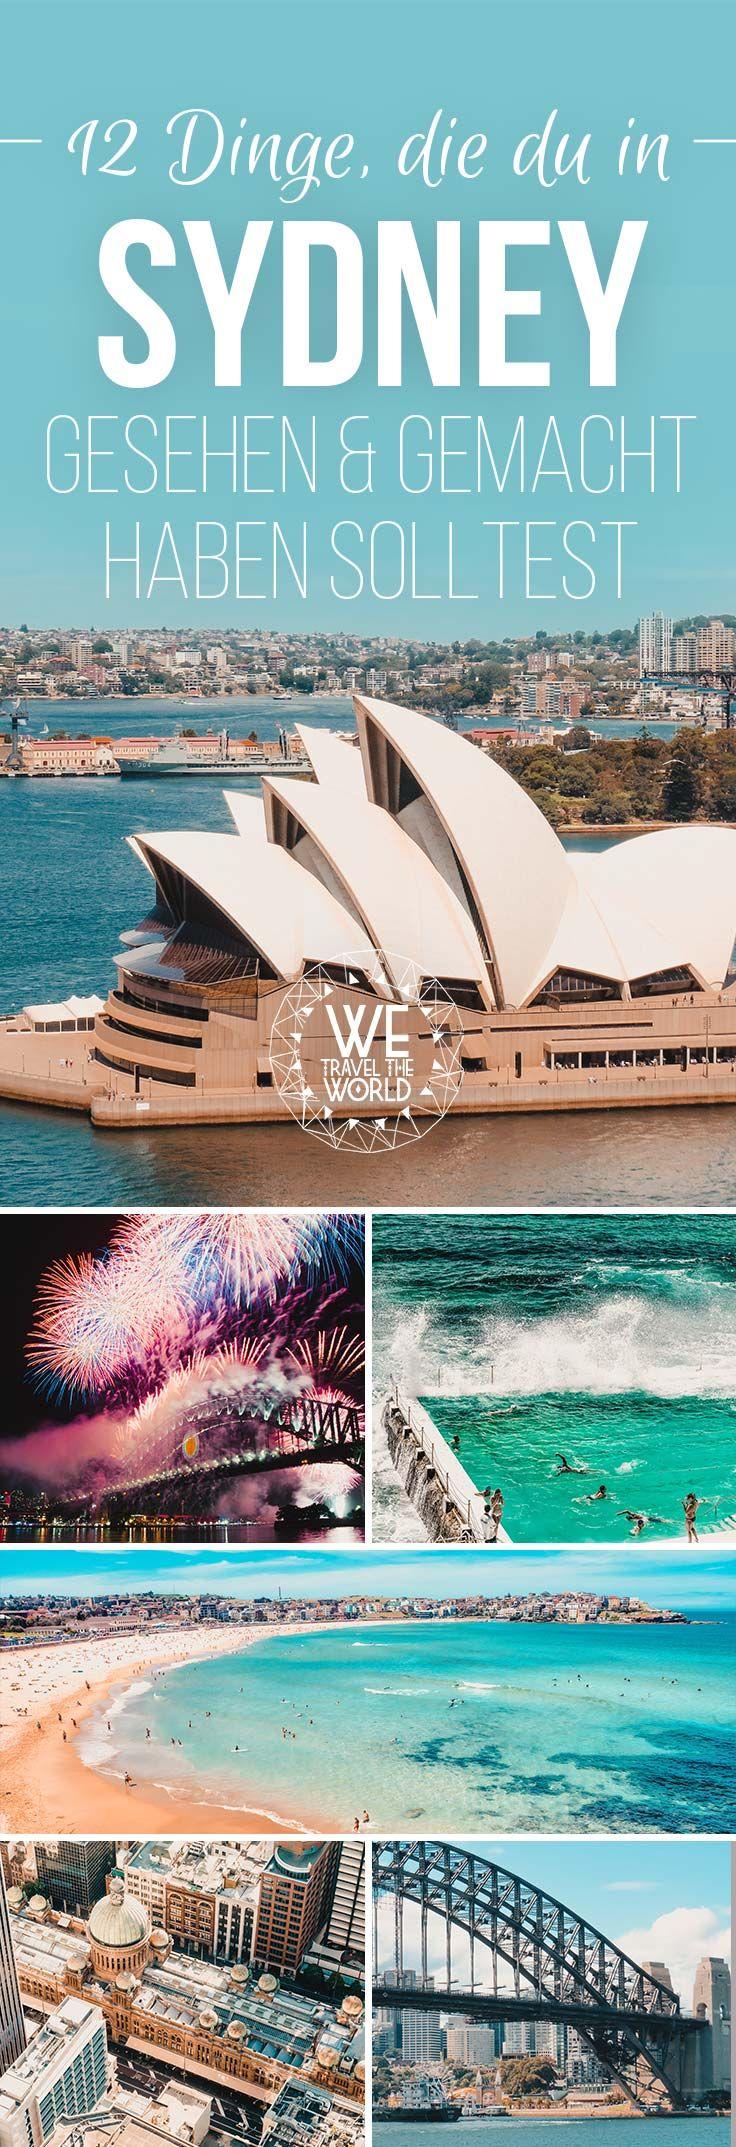 Australien Reise: Ein Tag in Sydney. Die 12 besten Sydney Sehenswürdigkeiten, Reisetipps, Highlights, Insidertipps und Must Sees die du besichtigt und gemacht haben solltest. #sydney #reisetipps